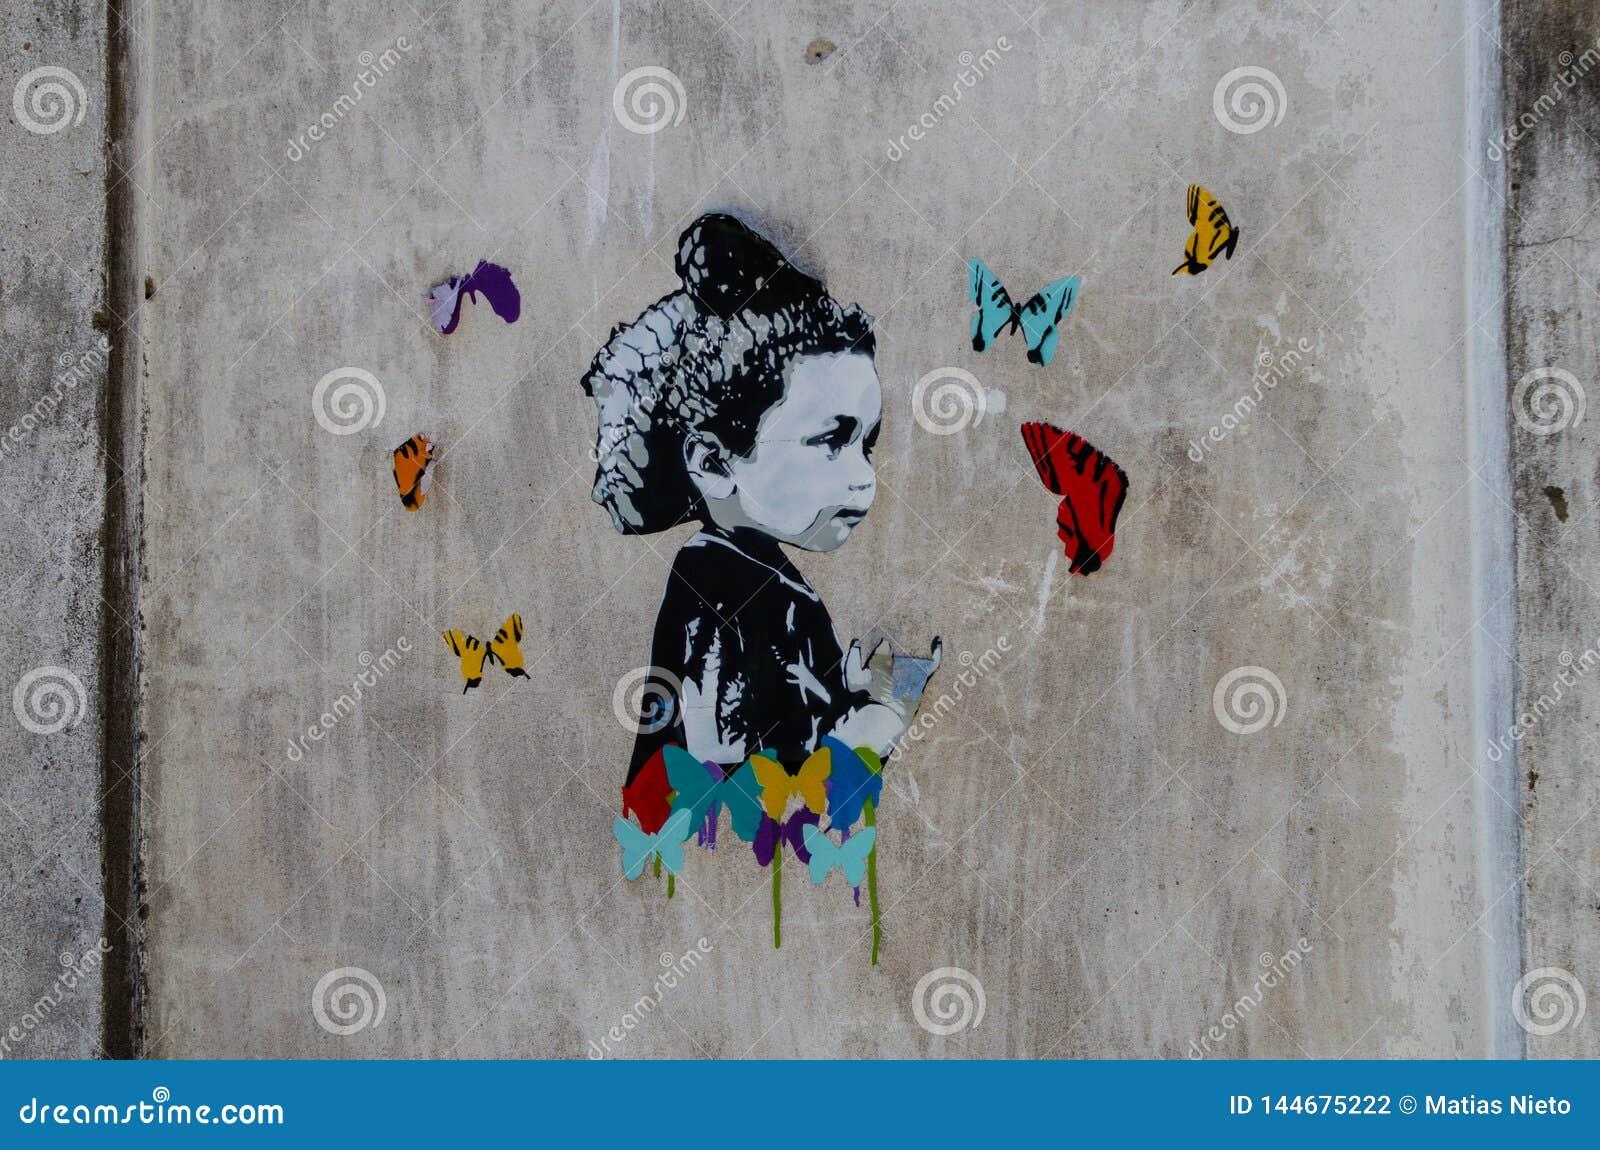 Ilustraciones en una pared dentro de un edificio abandonado